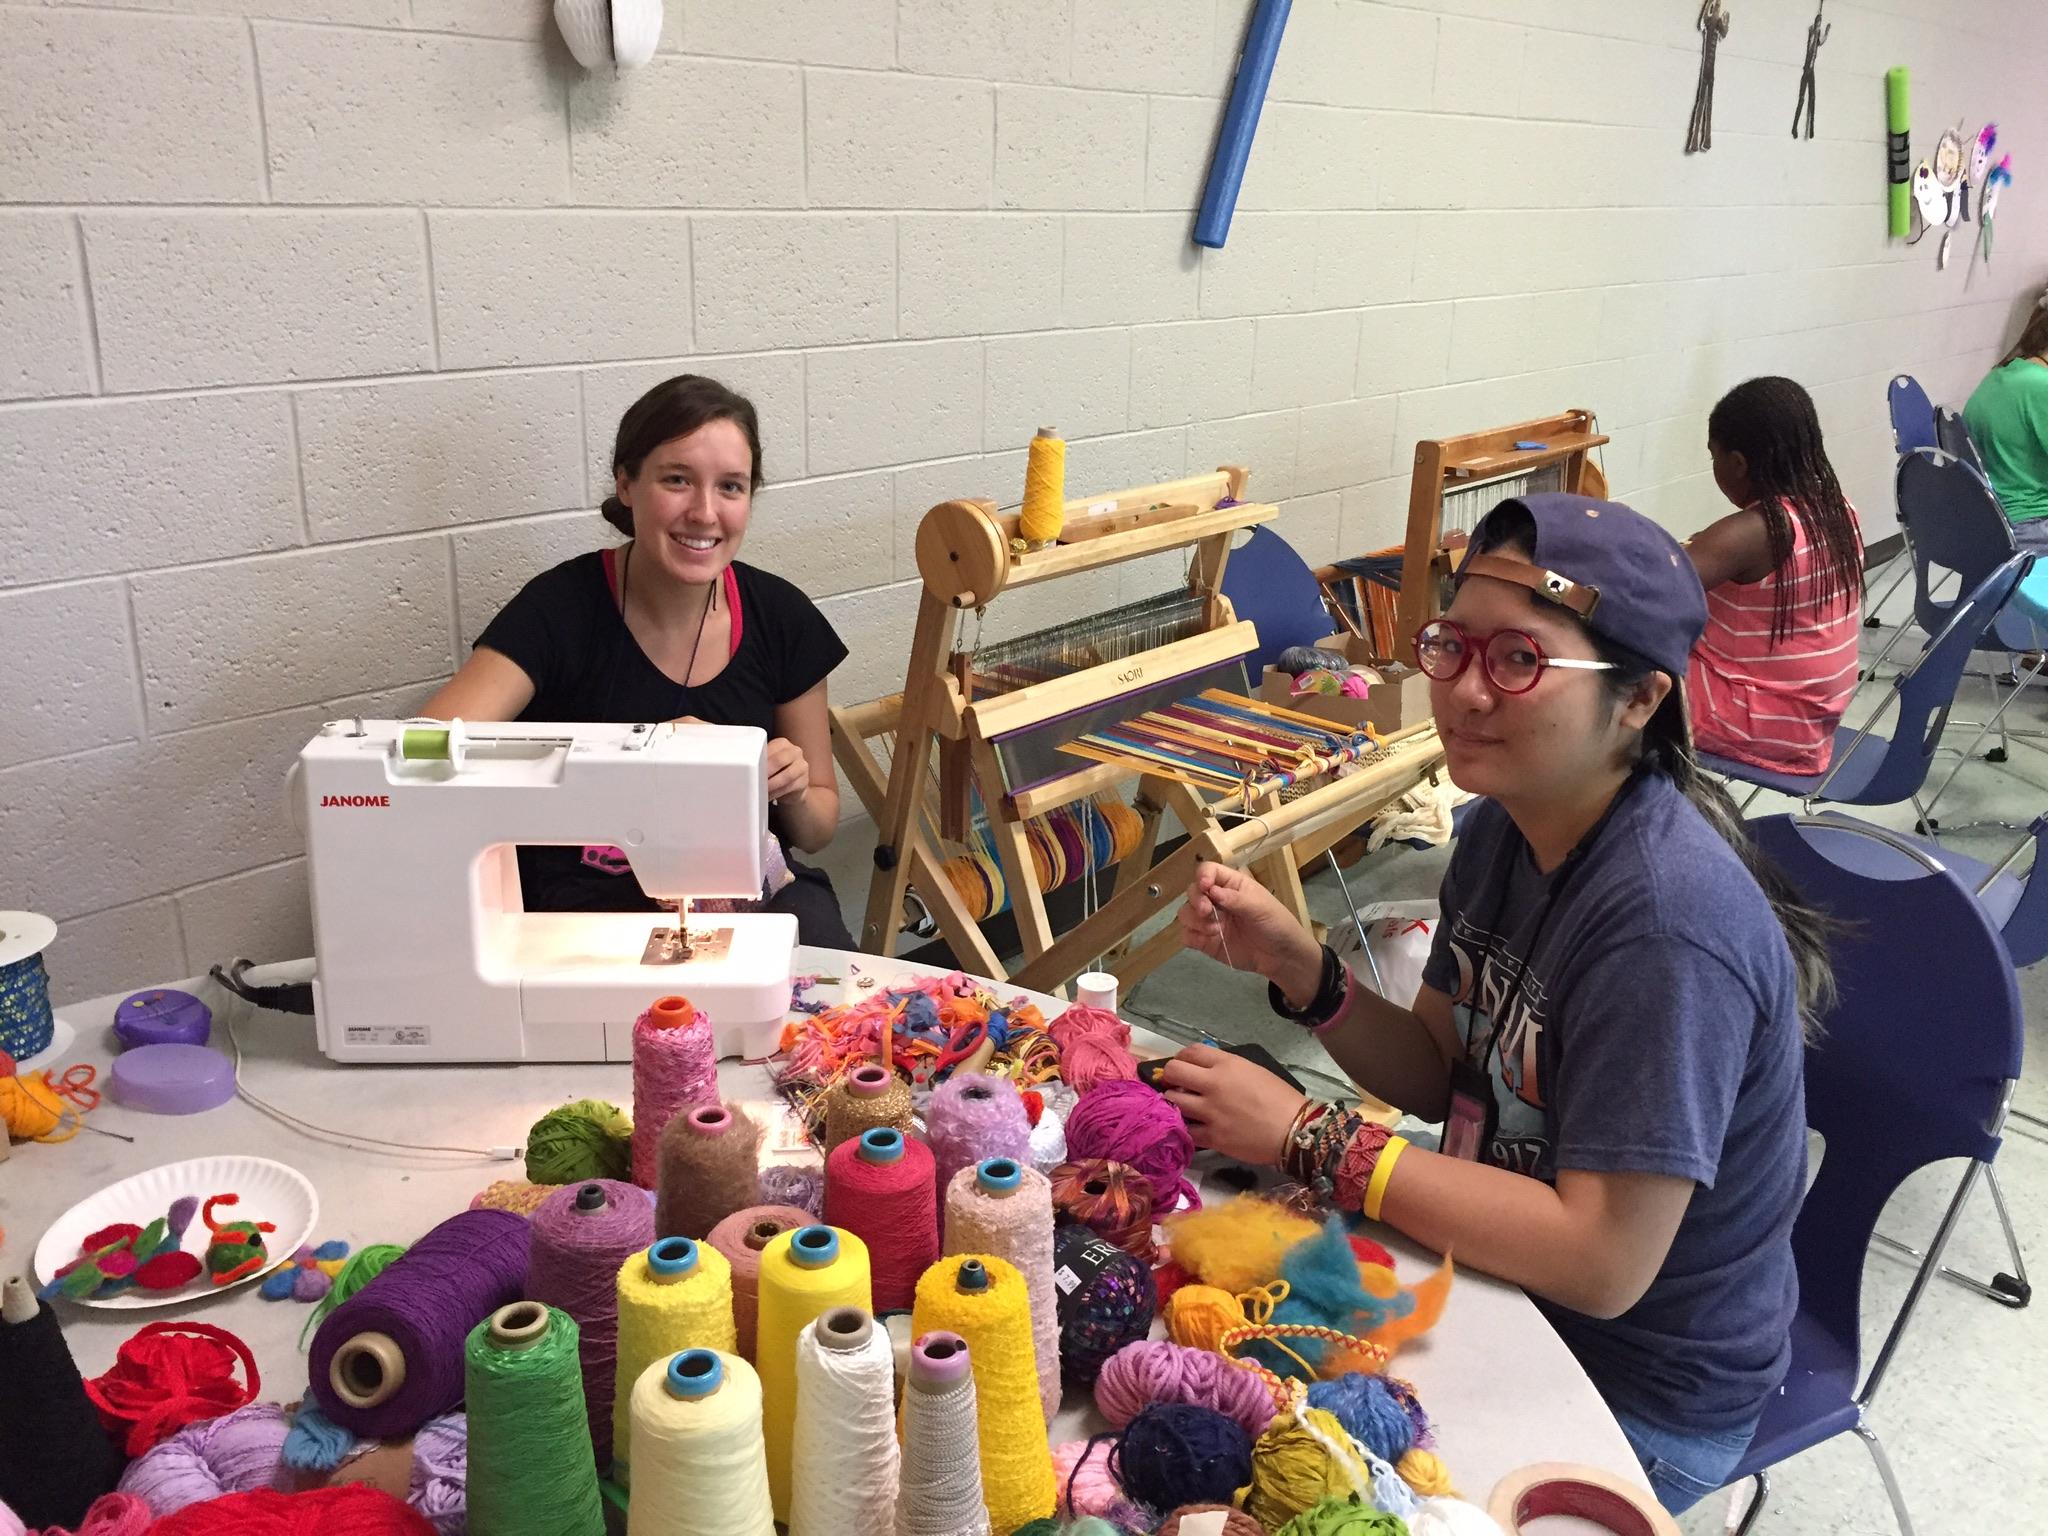 sewing at camp.jpg